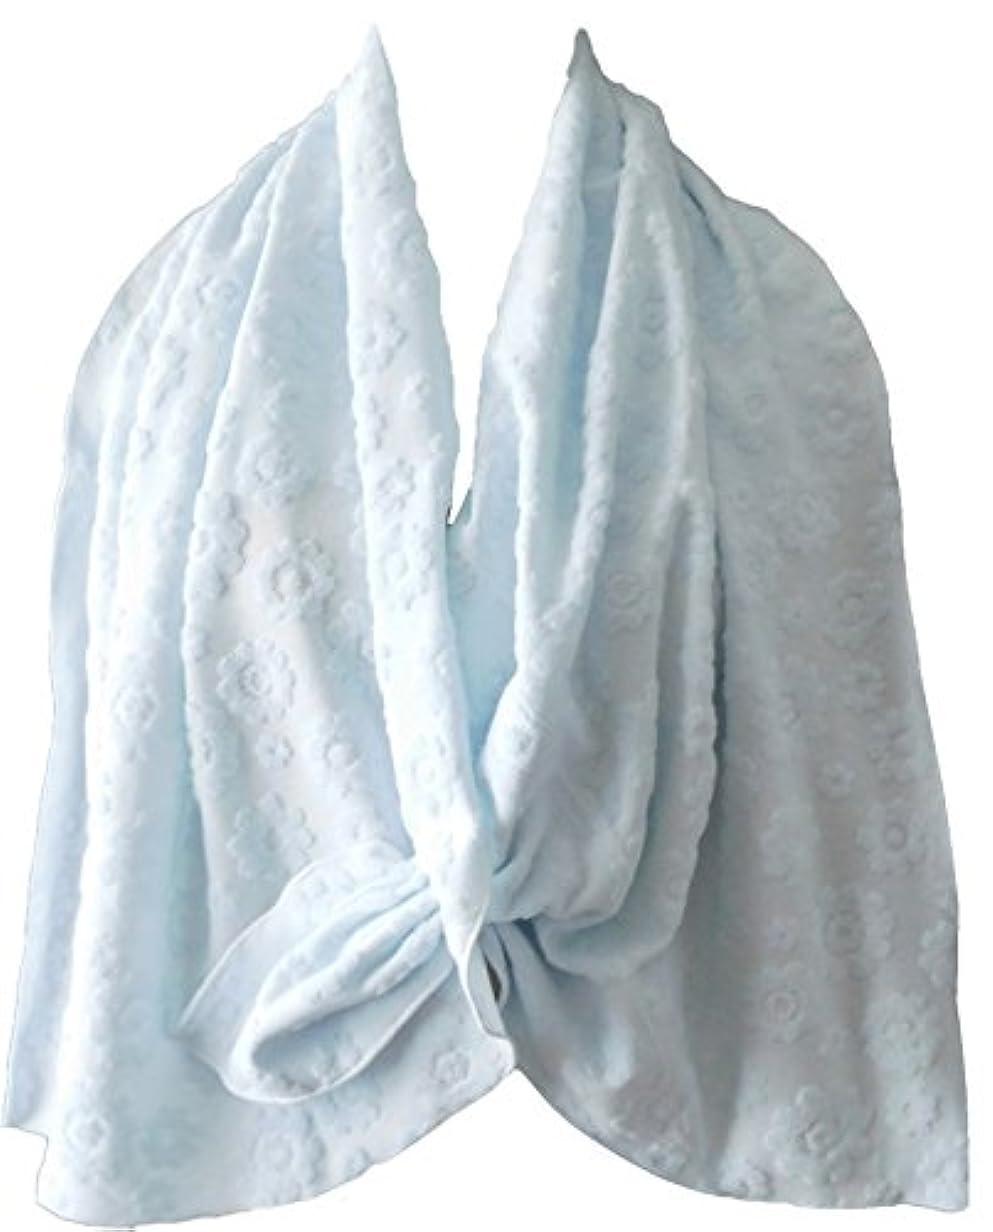 妥協設置テザー乳がん術後 温泉旅行に <温泉タオルン> 単品 ブルー 温泉タオル 巻きタオル ラップタオル プリンセスのんの